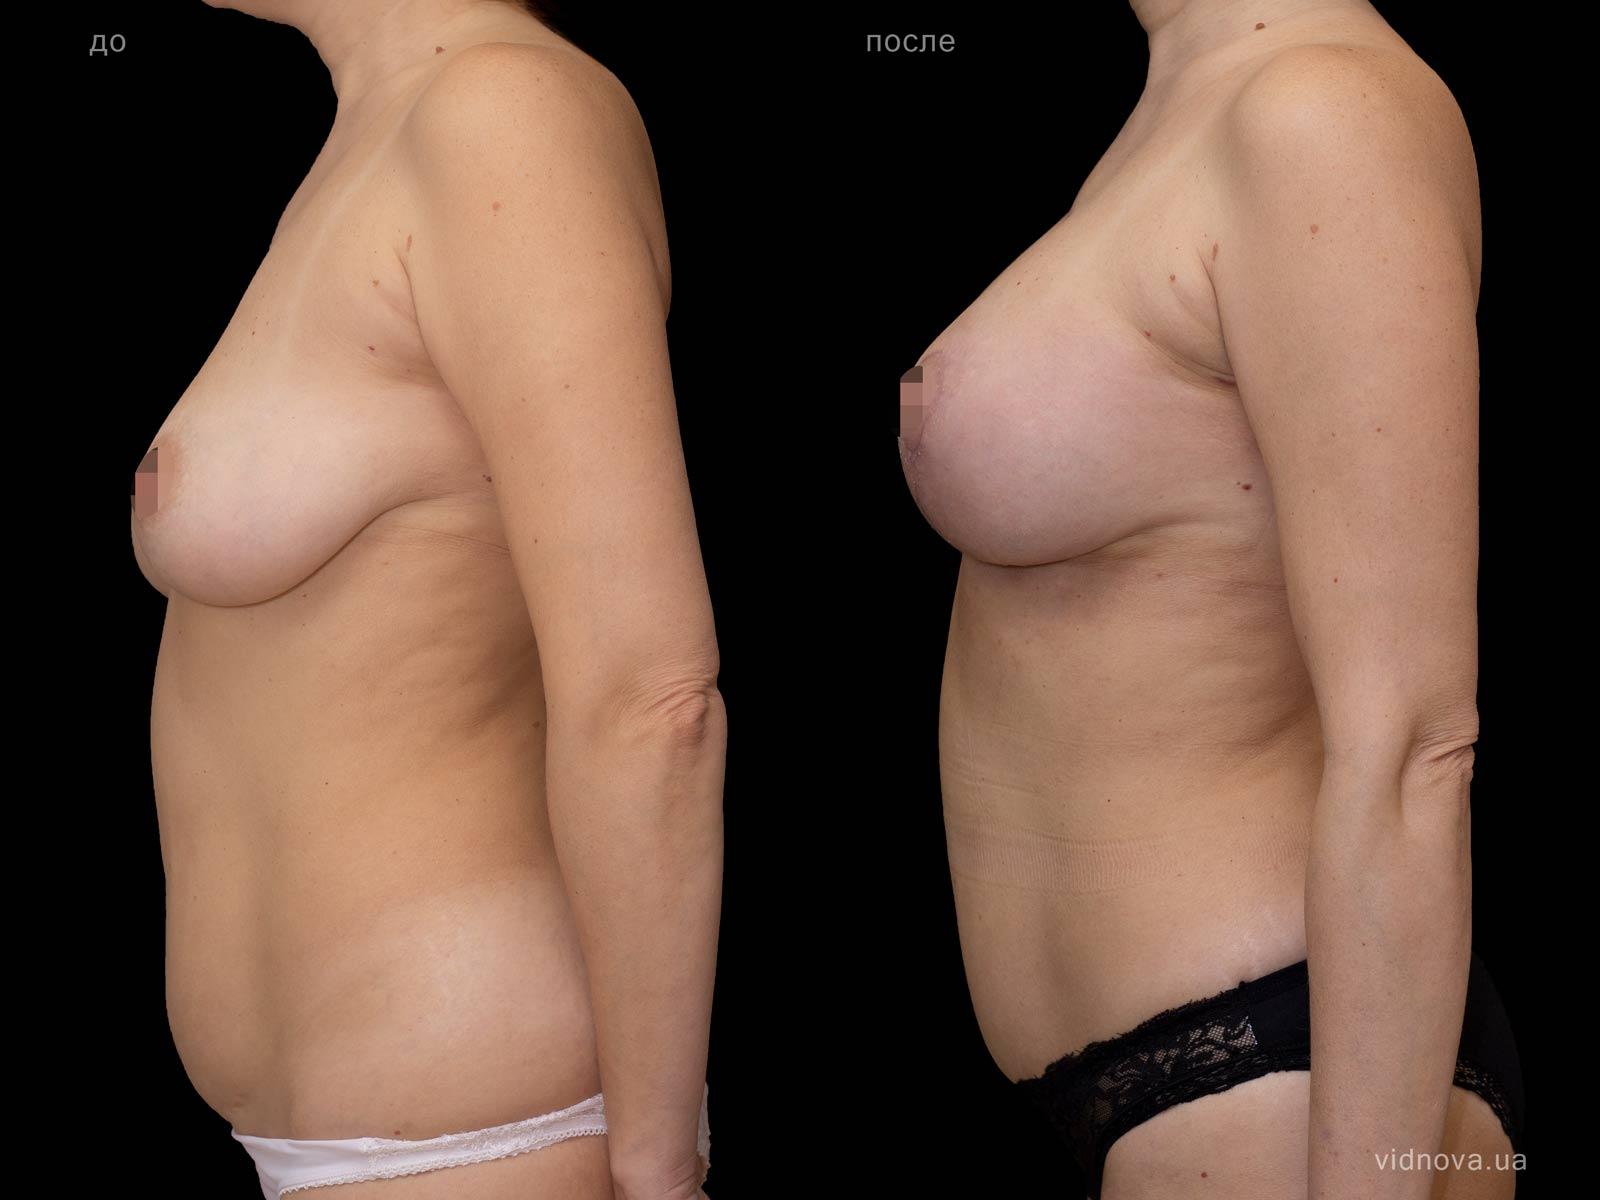 Пластика груди: результаты до и после - Пример №90-2 - Светлана Работенко